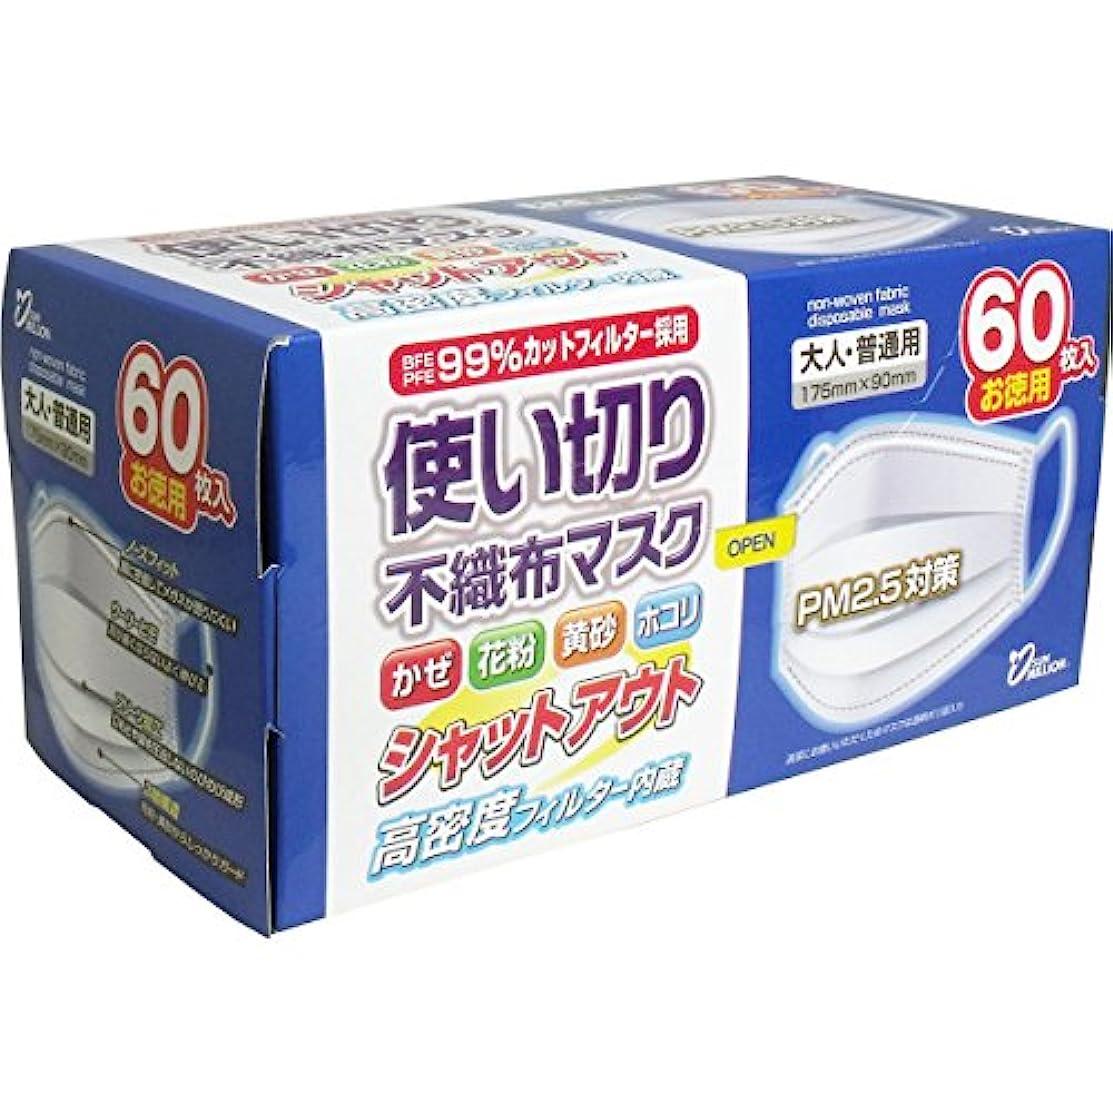 テンポステッチ凝視サンフィット 使い切り不織布マスク 大人?普通用 60枚入